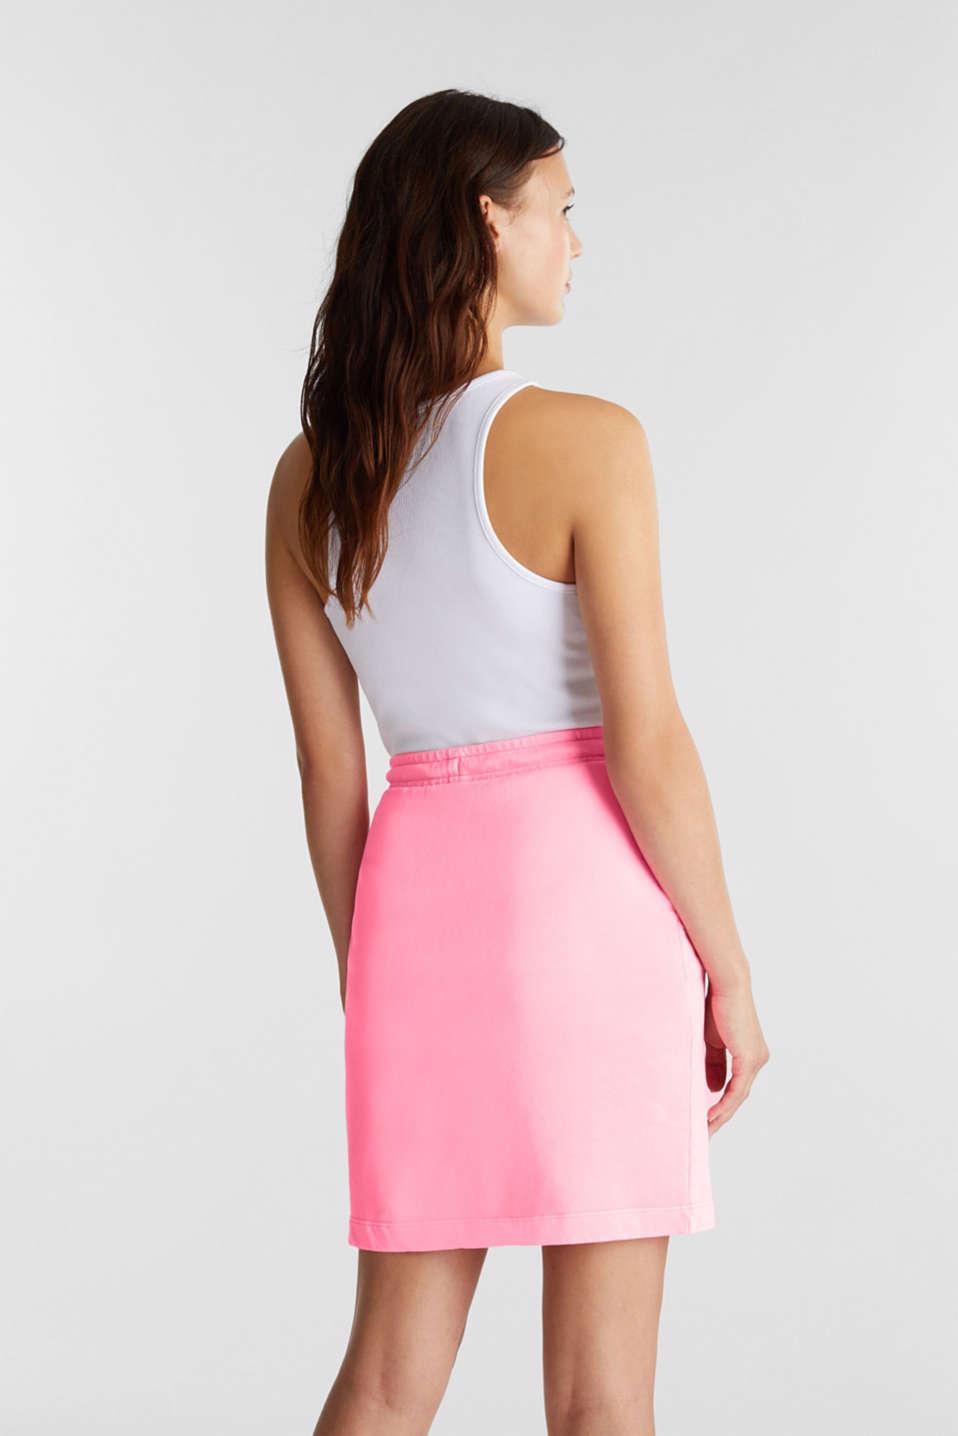 Sweatshirt fabric skirt, 100% cotton, PINK, detail image number 2